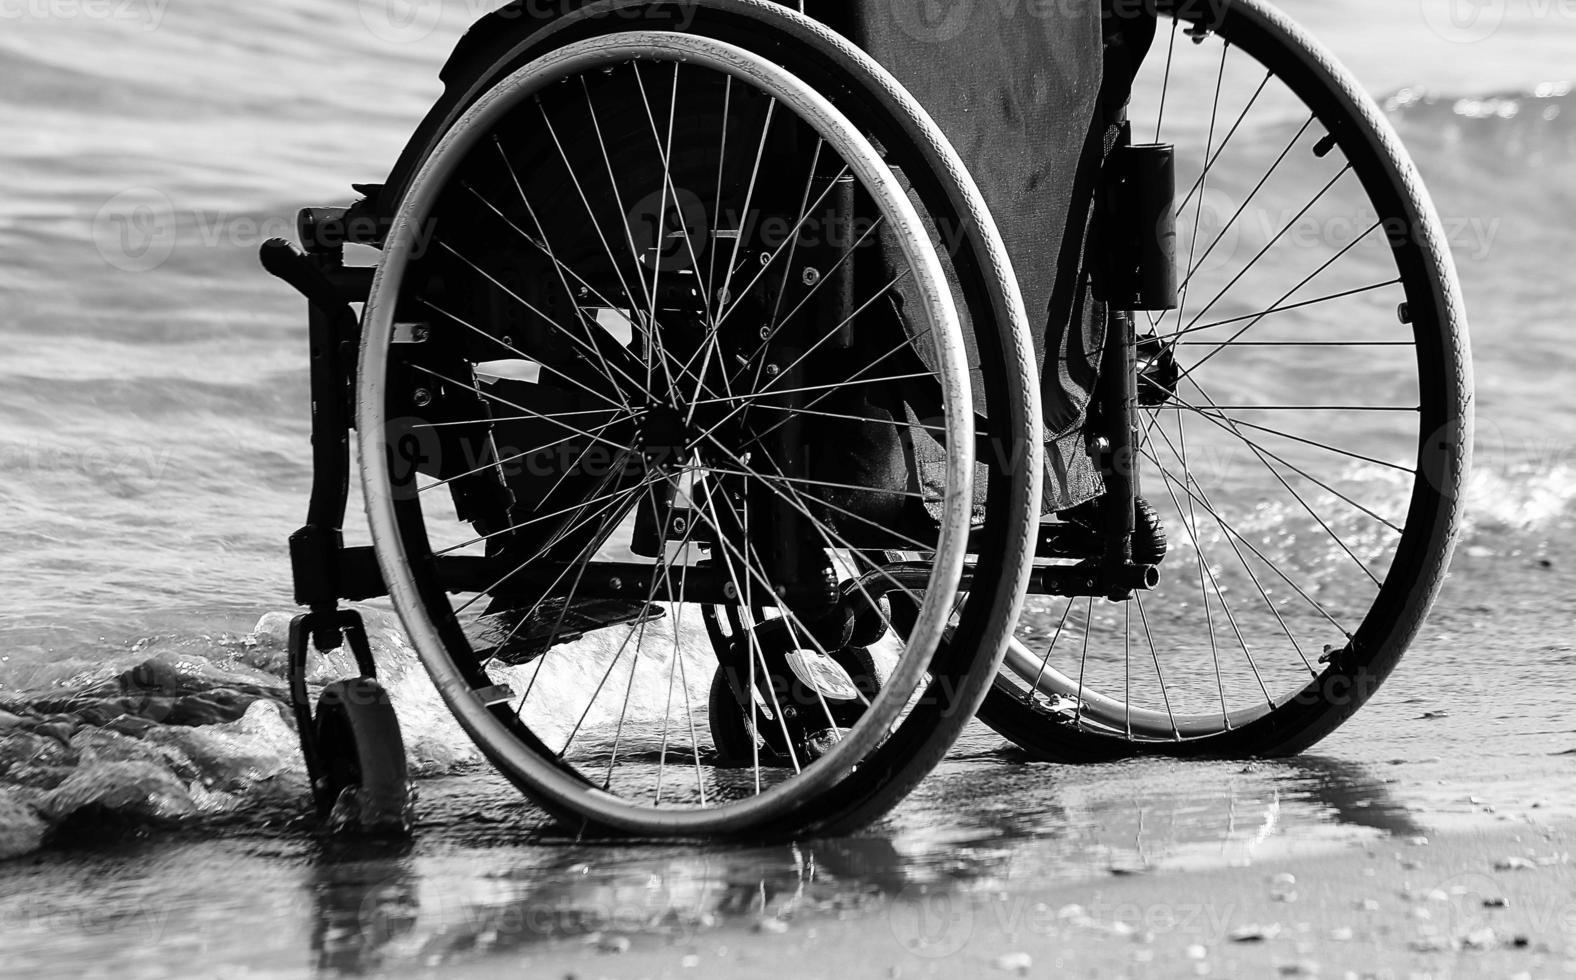 silla de ruedas junto al mar en la playa de arena foto